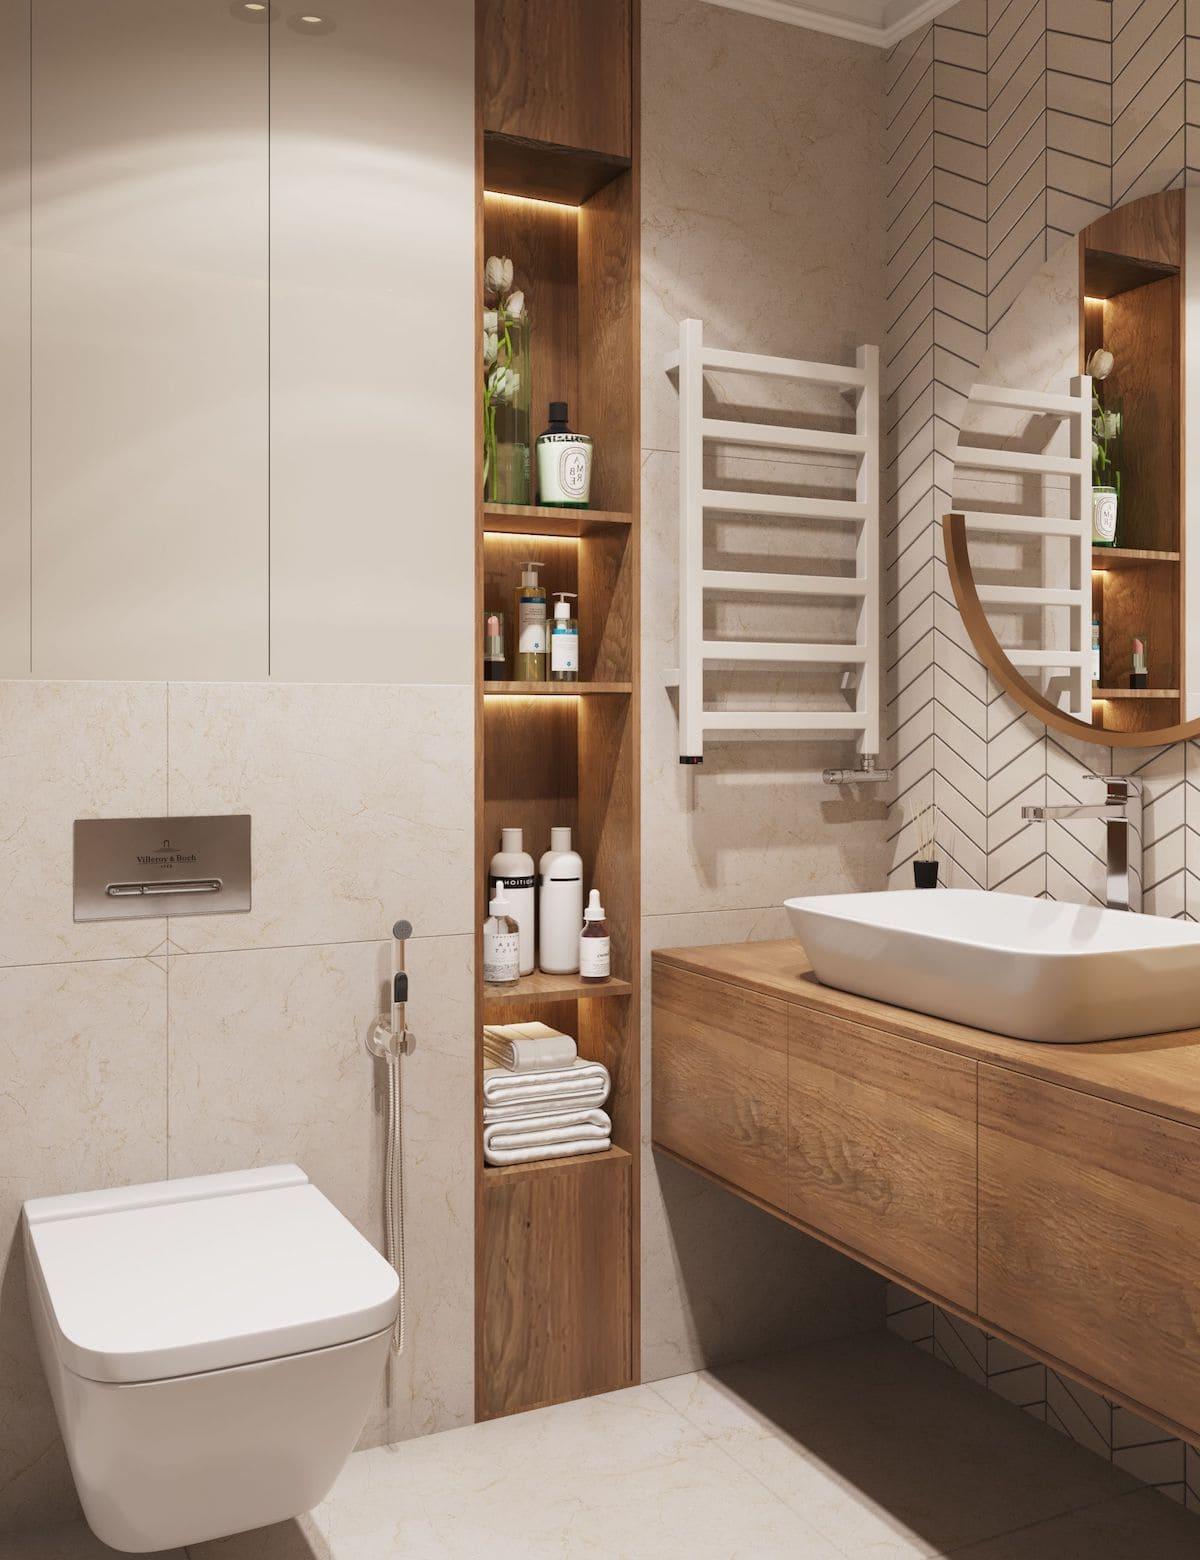 дизайн интерьера ванной комнаты фото 67